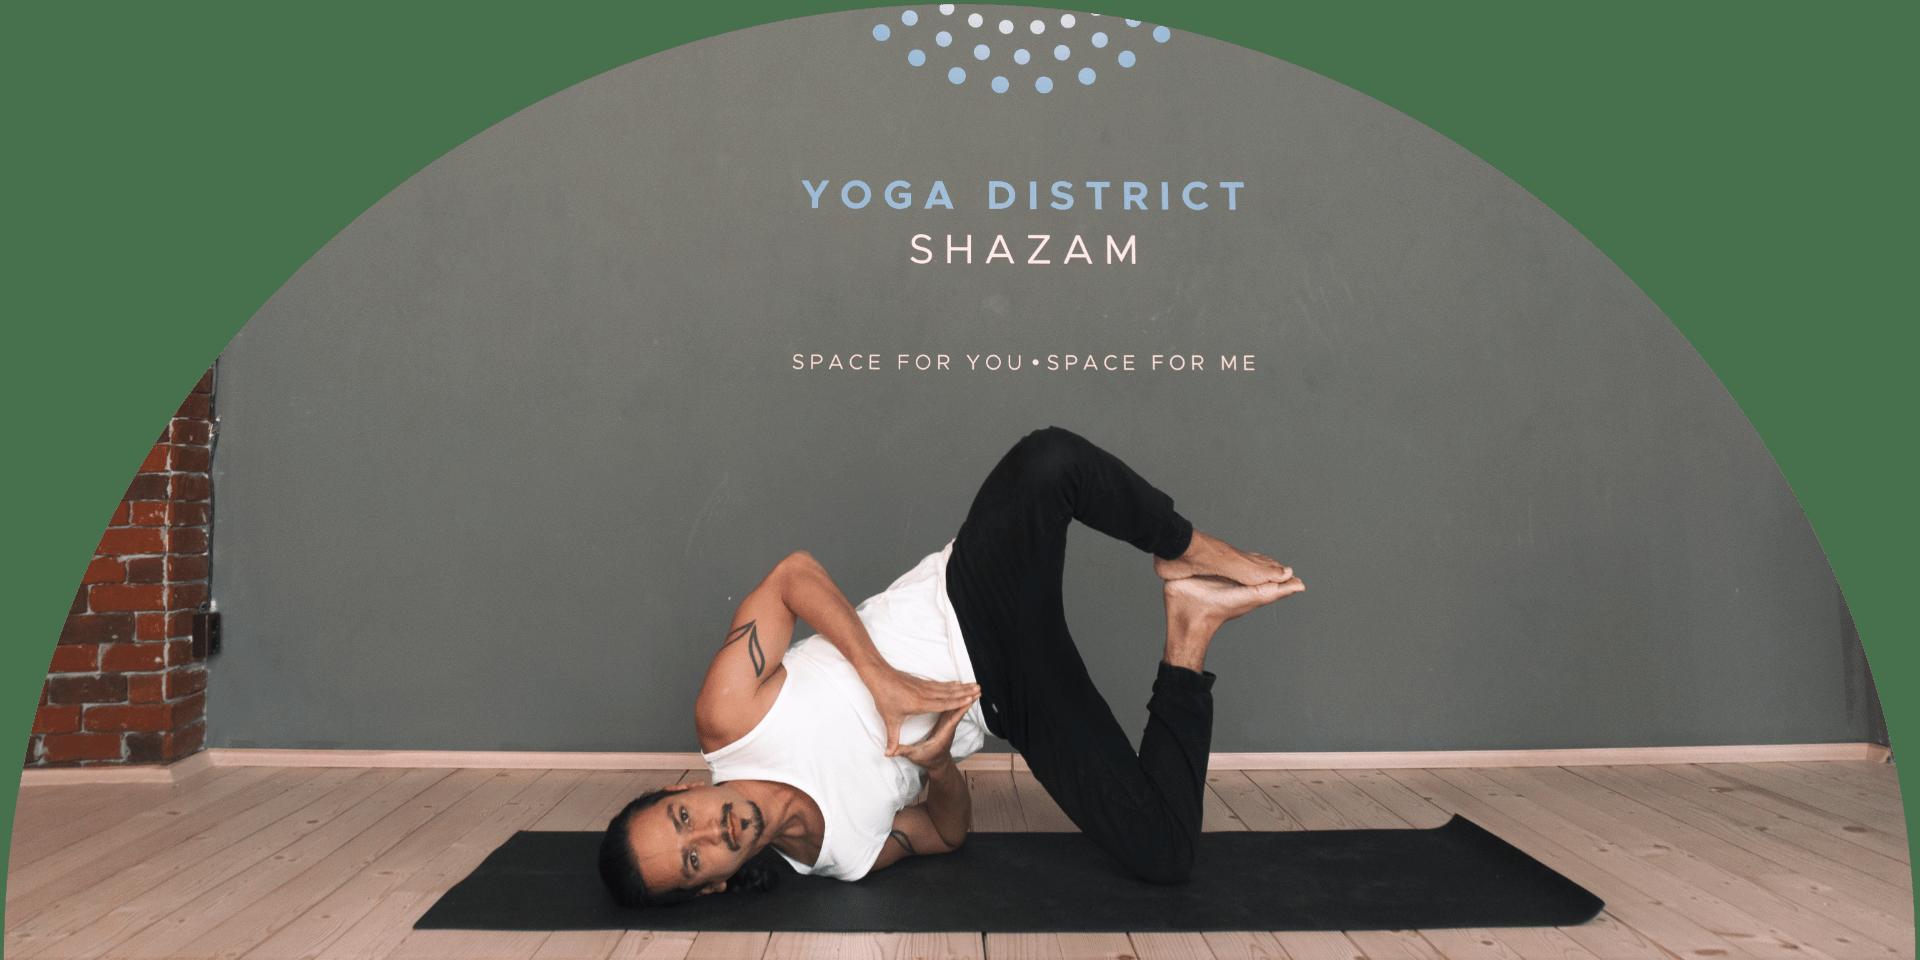 Movement Aesthetic Dance Yoga